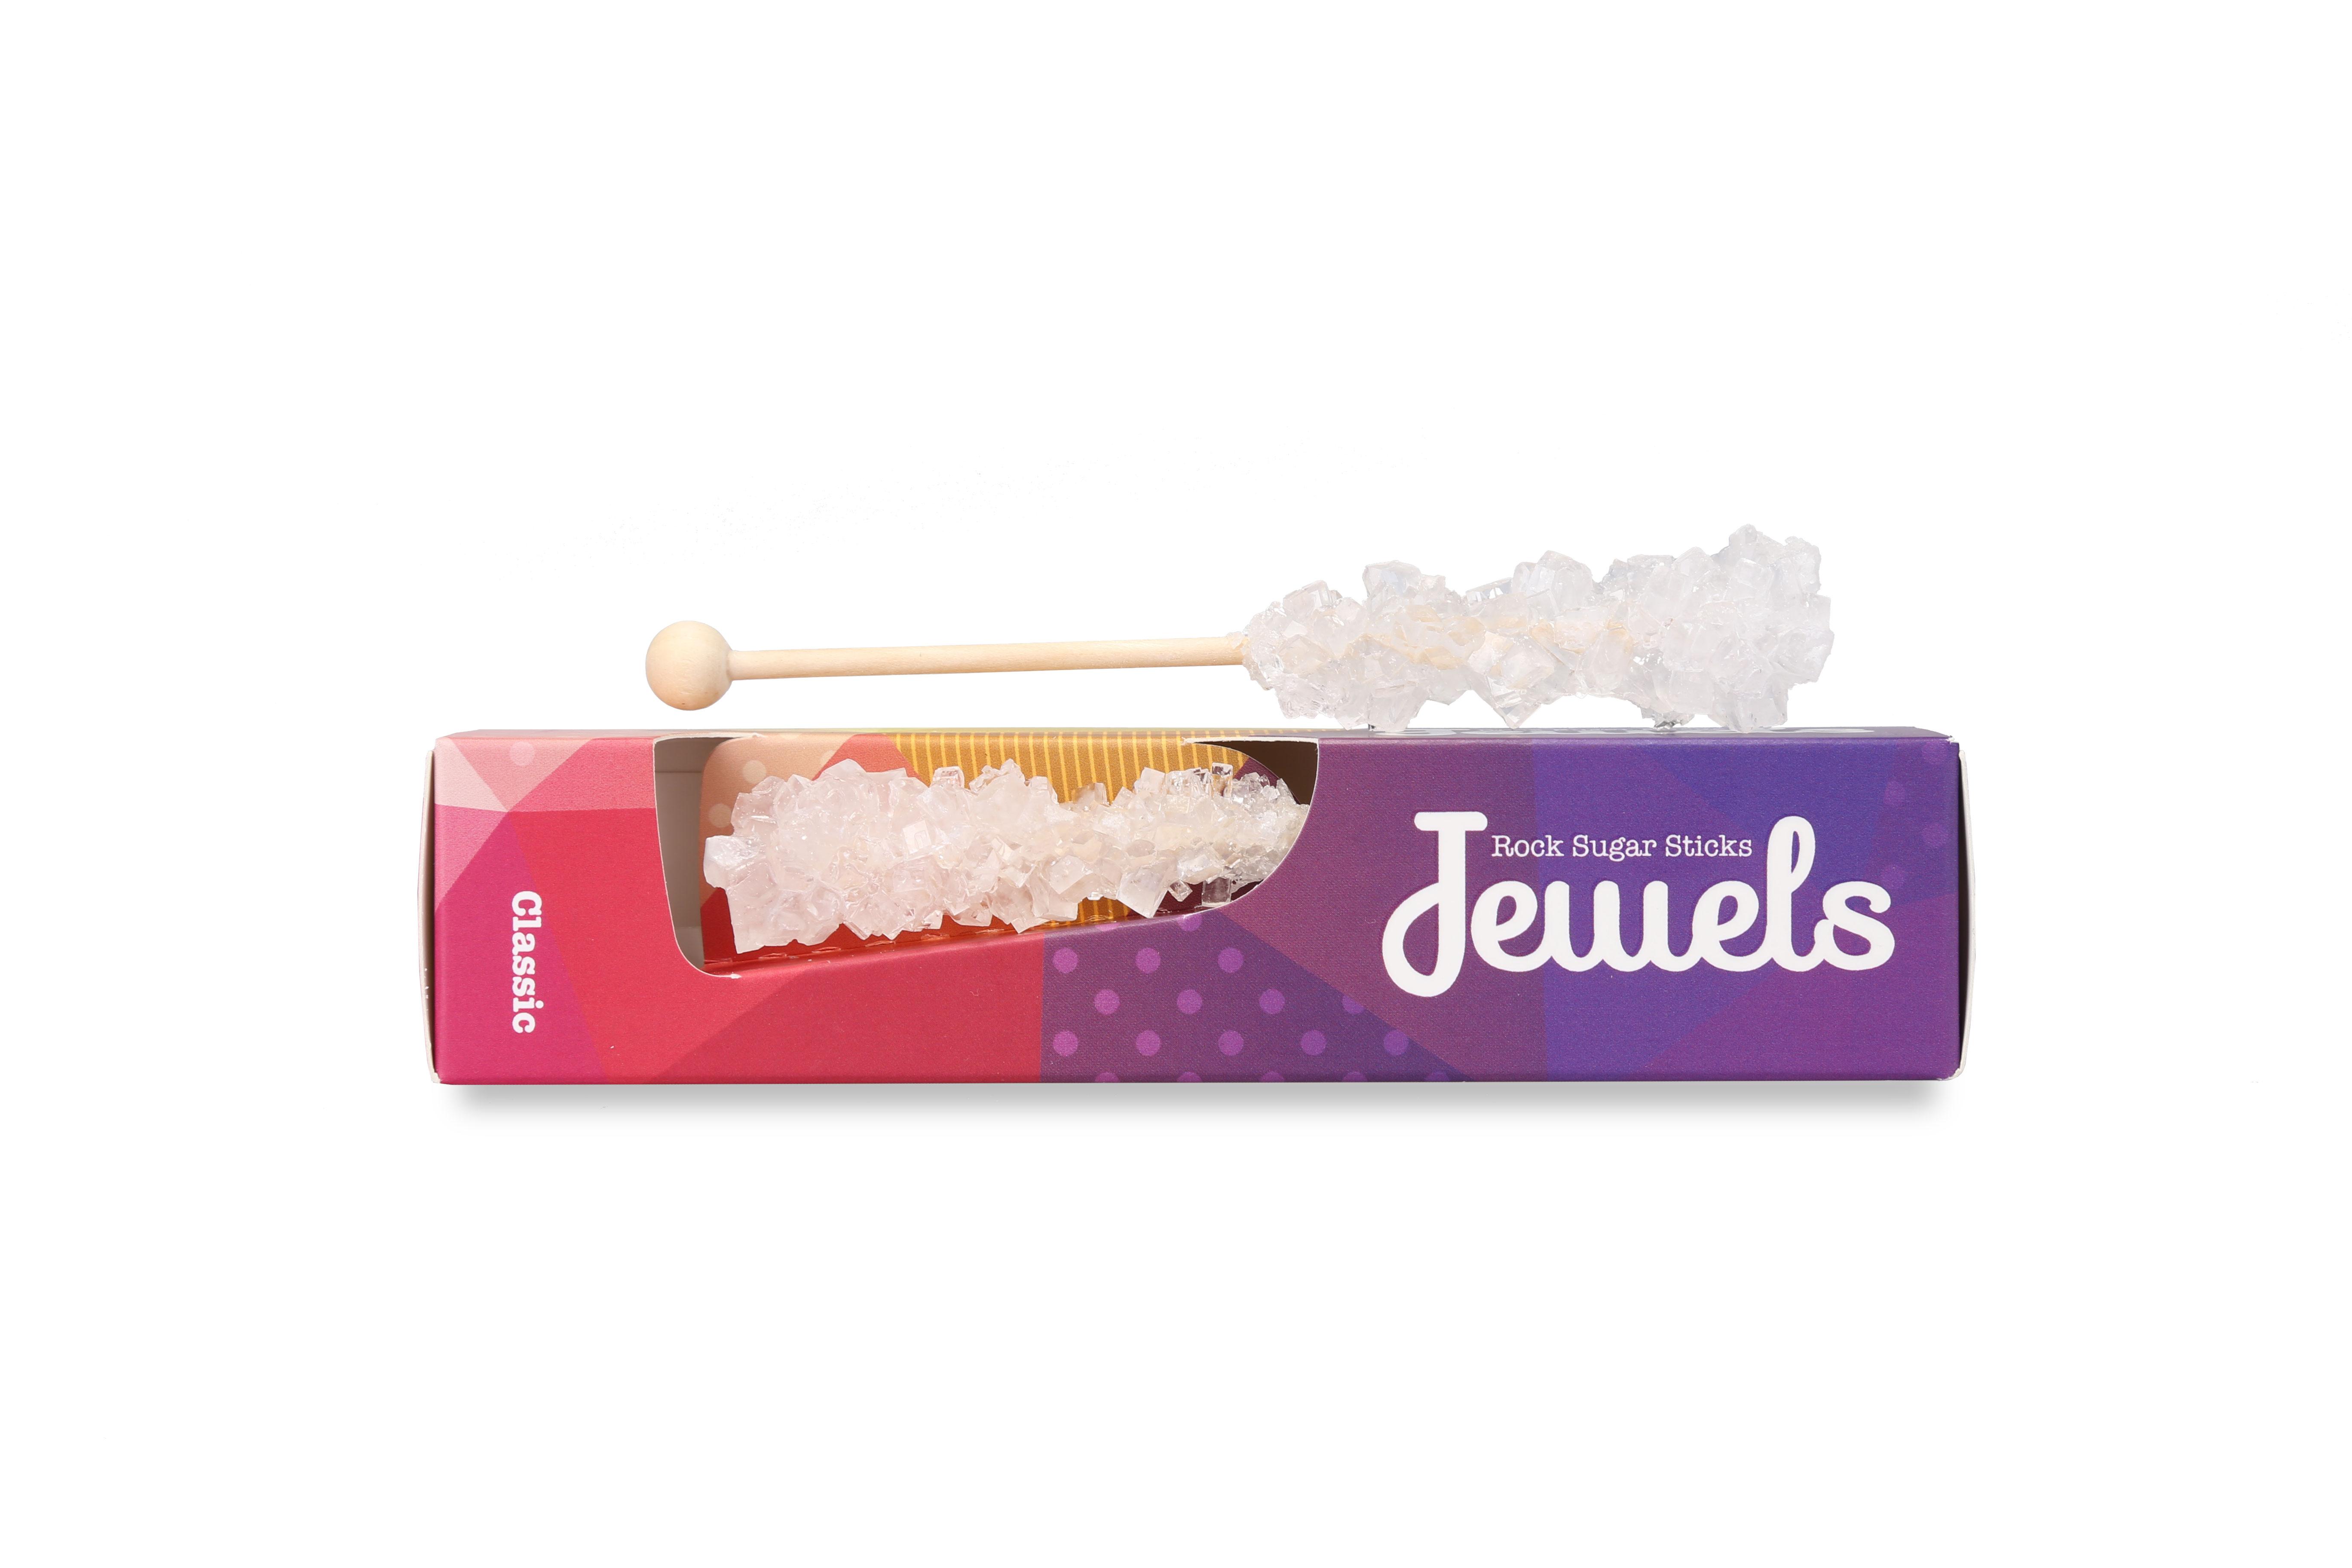 JEWELS Rock Sugar Sticks Classic Flavour, $5